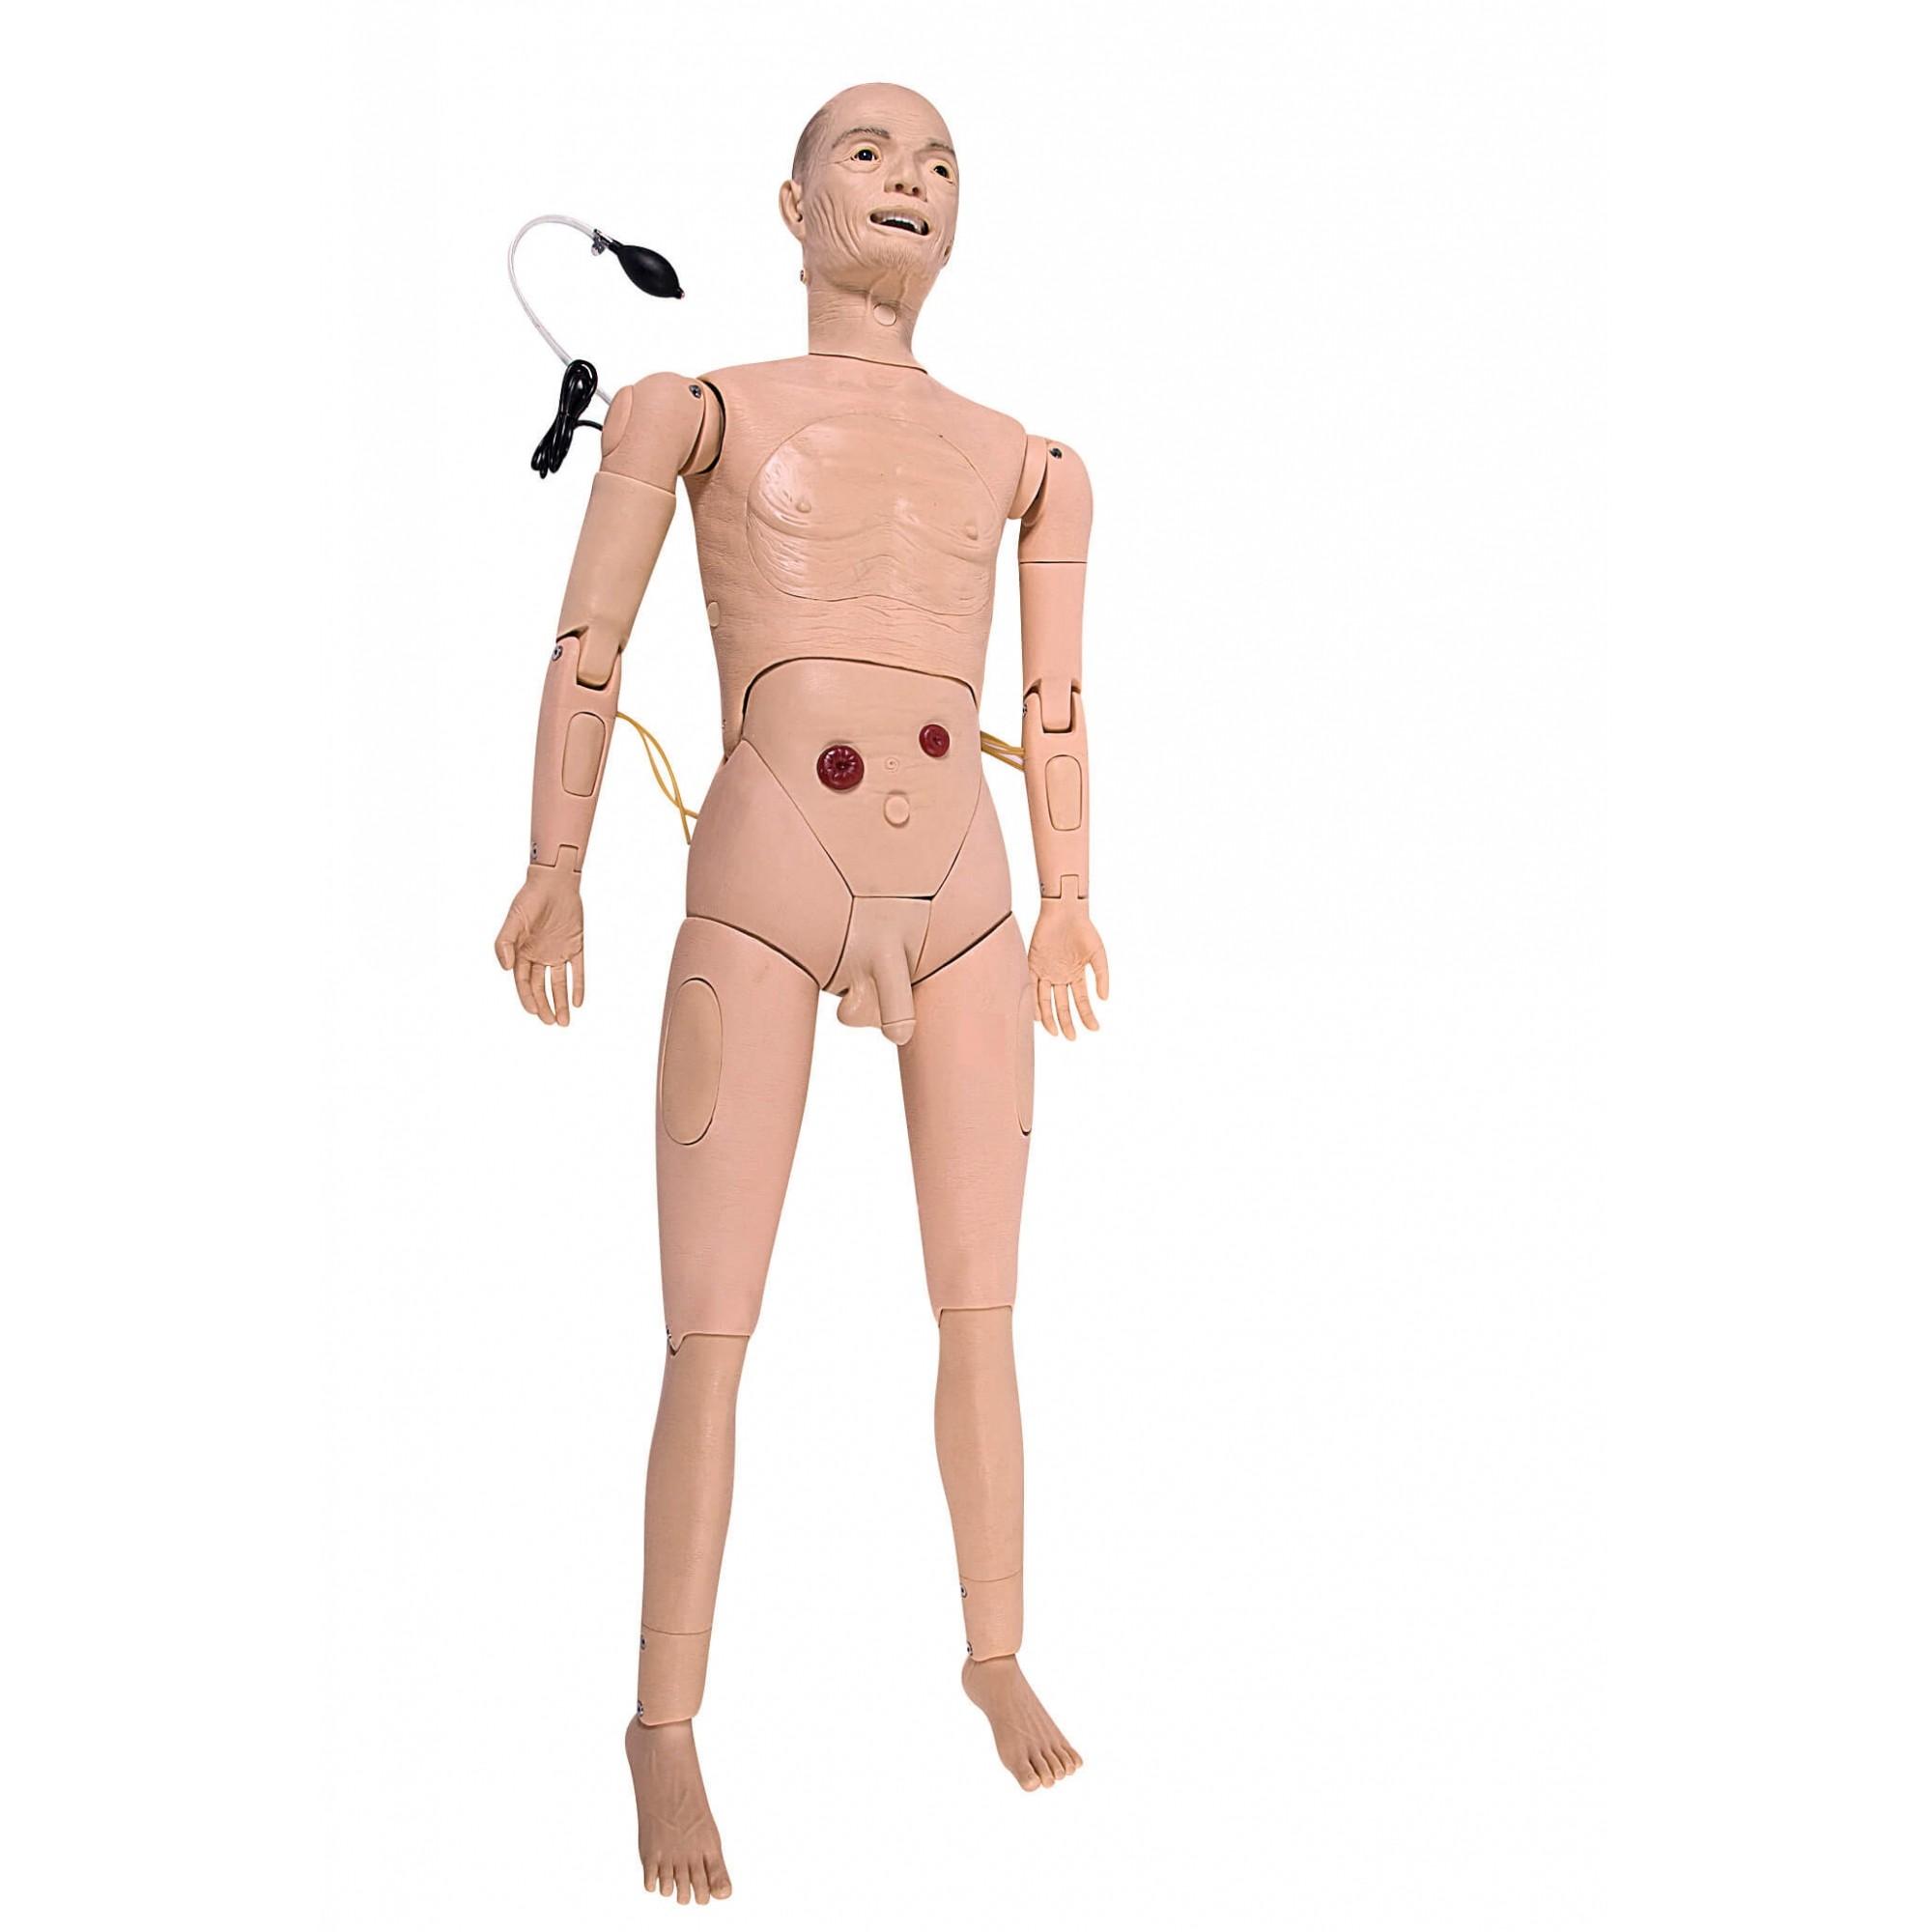 Simulador Manequim Geriátrico Bissexual Simulador Avançado para Enfermagem (vovô)